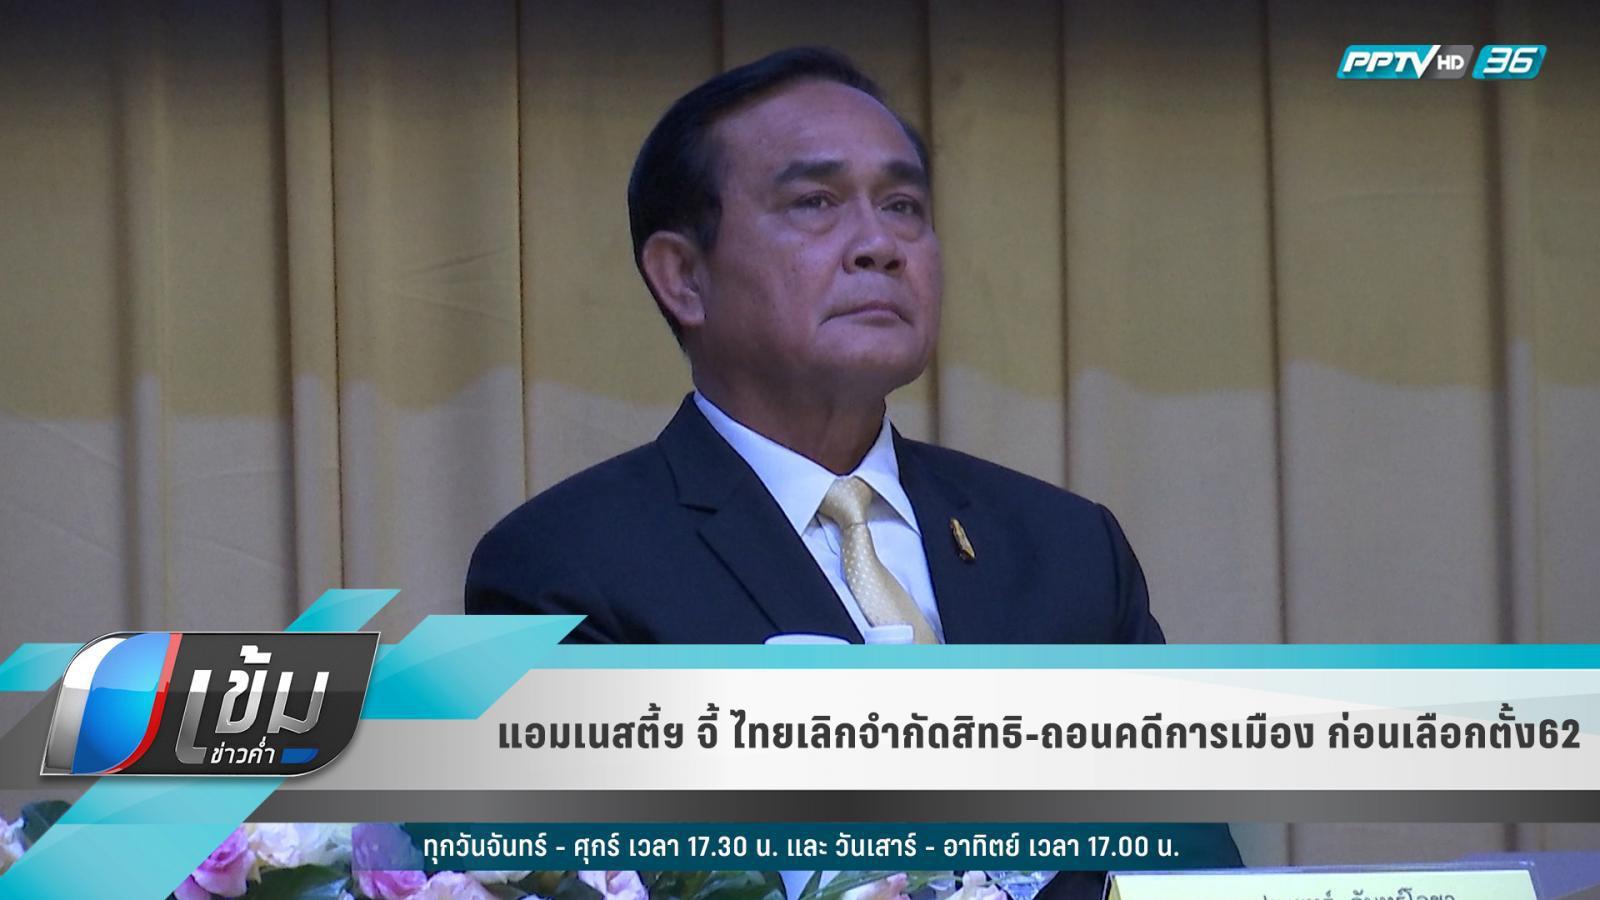 แอมเนสตี้ จี้ไทยยกเลิกจำกัดสิทธิ-ถอนคดีการเมือง ก่อนเลือกตั้ง62